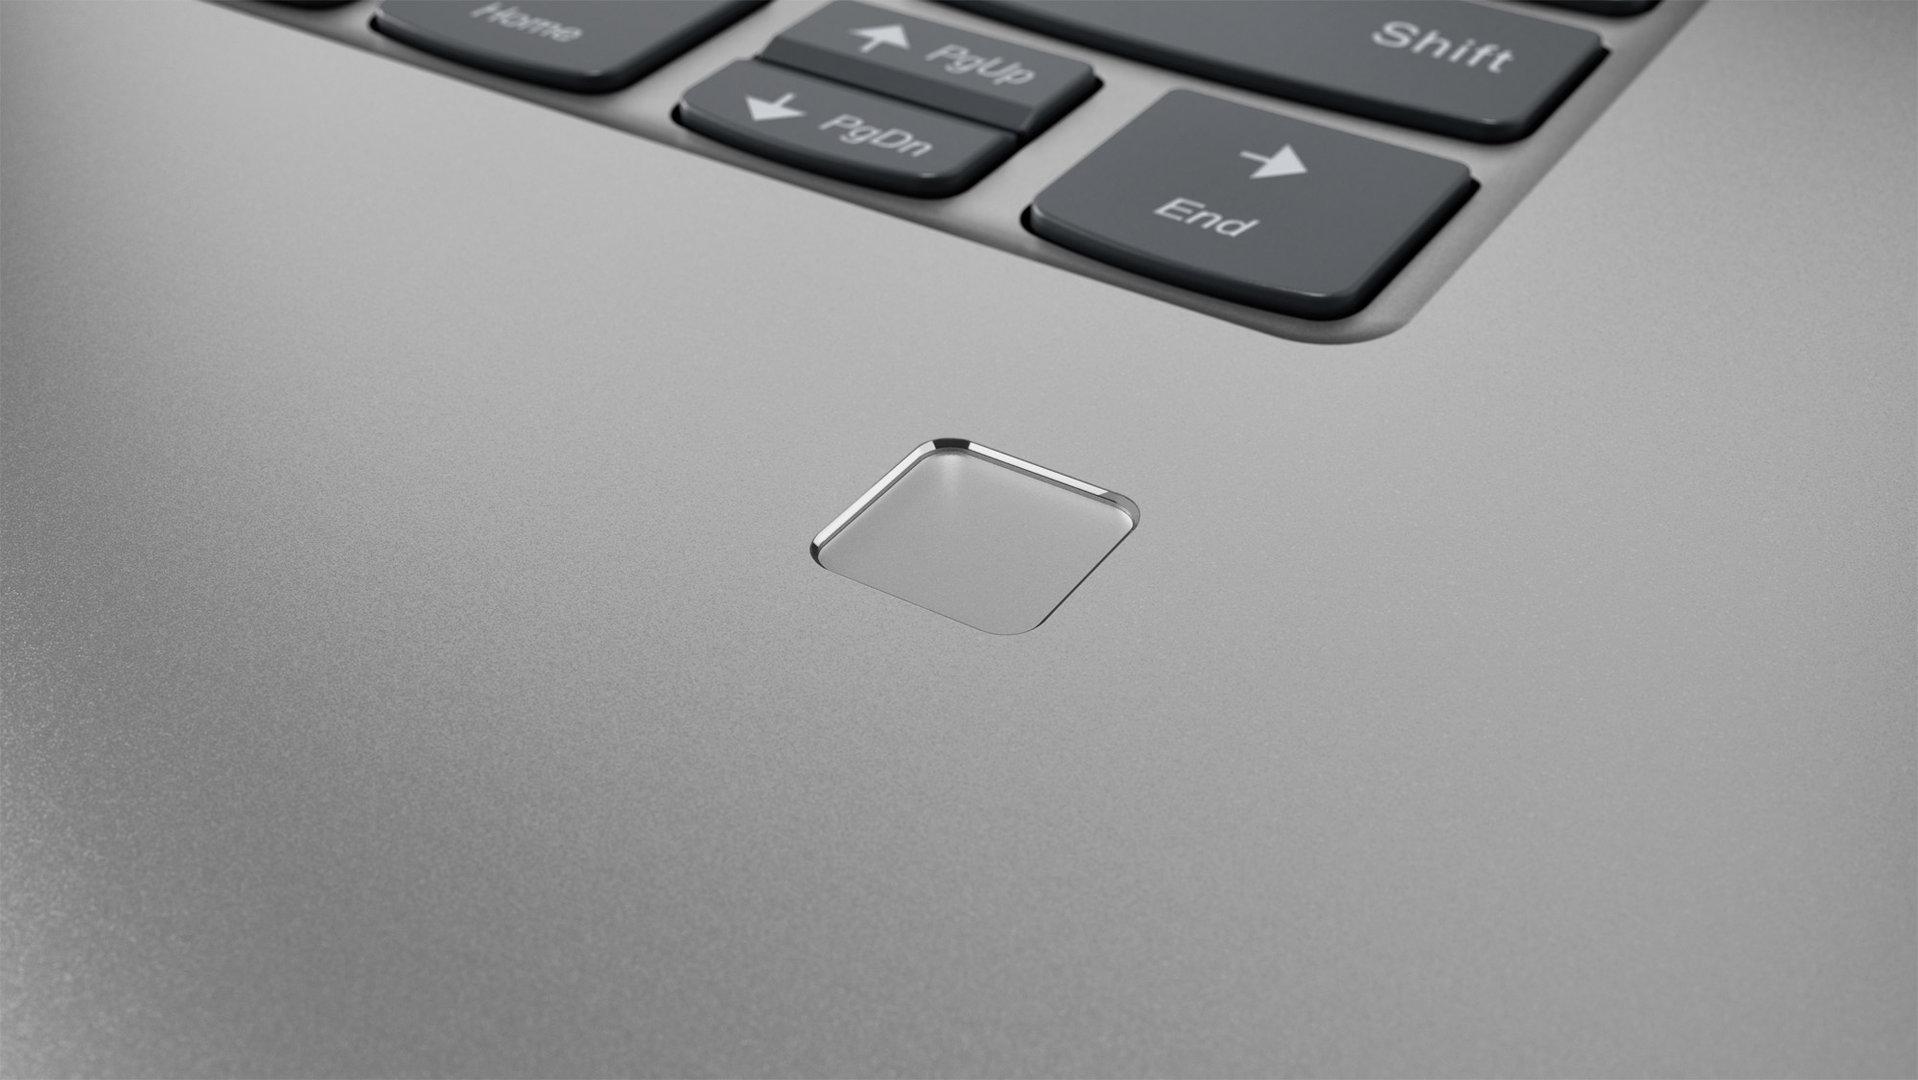 Fingerabdrucksensor für Windows Hello